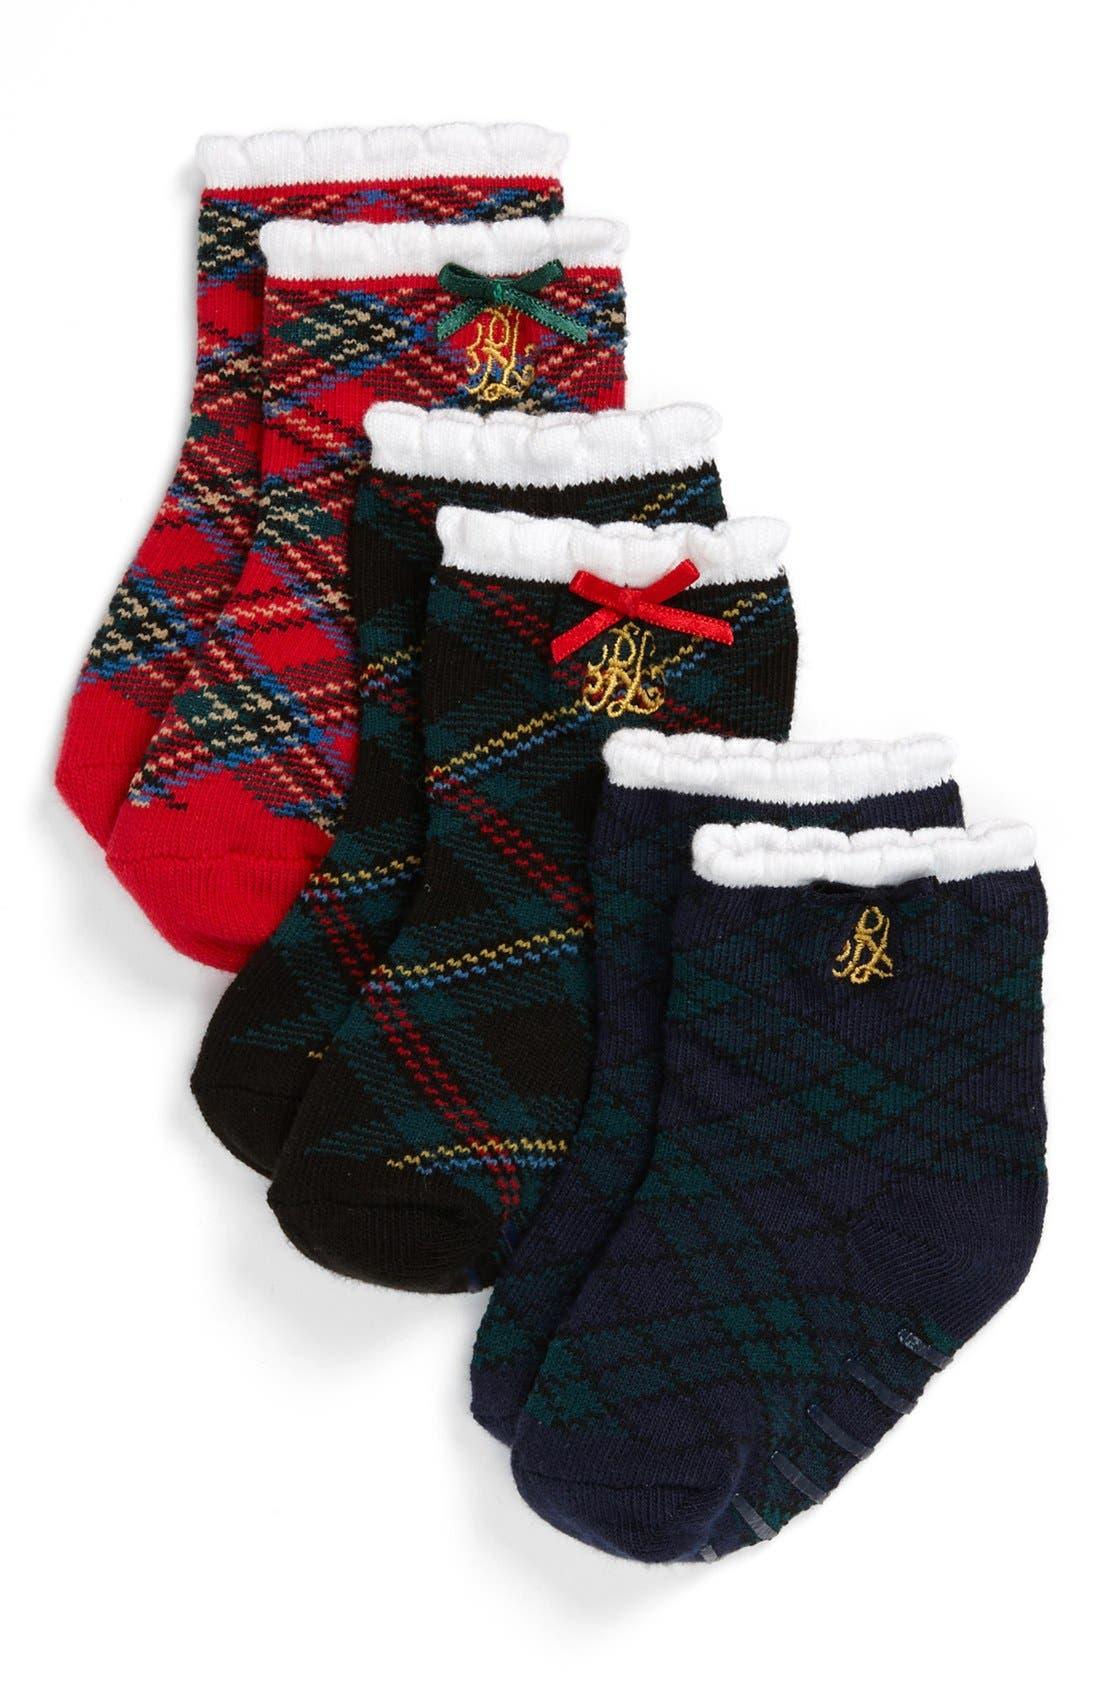 Alternate Image 1 Selected - Polo Ralph Lauren Socks (3-Pack) (Baby Girls)